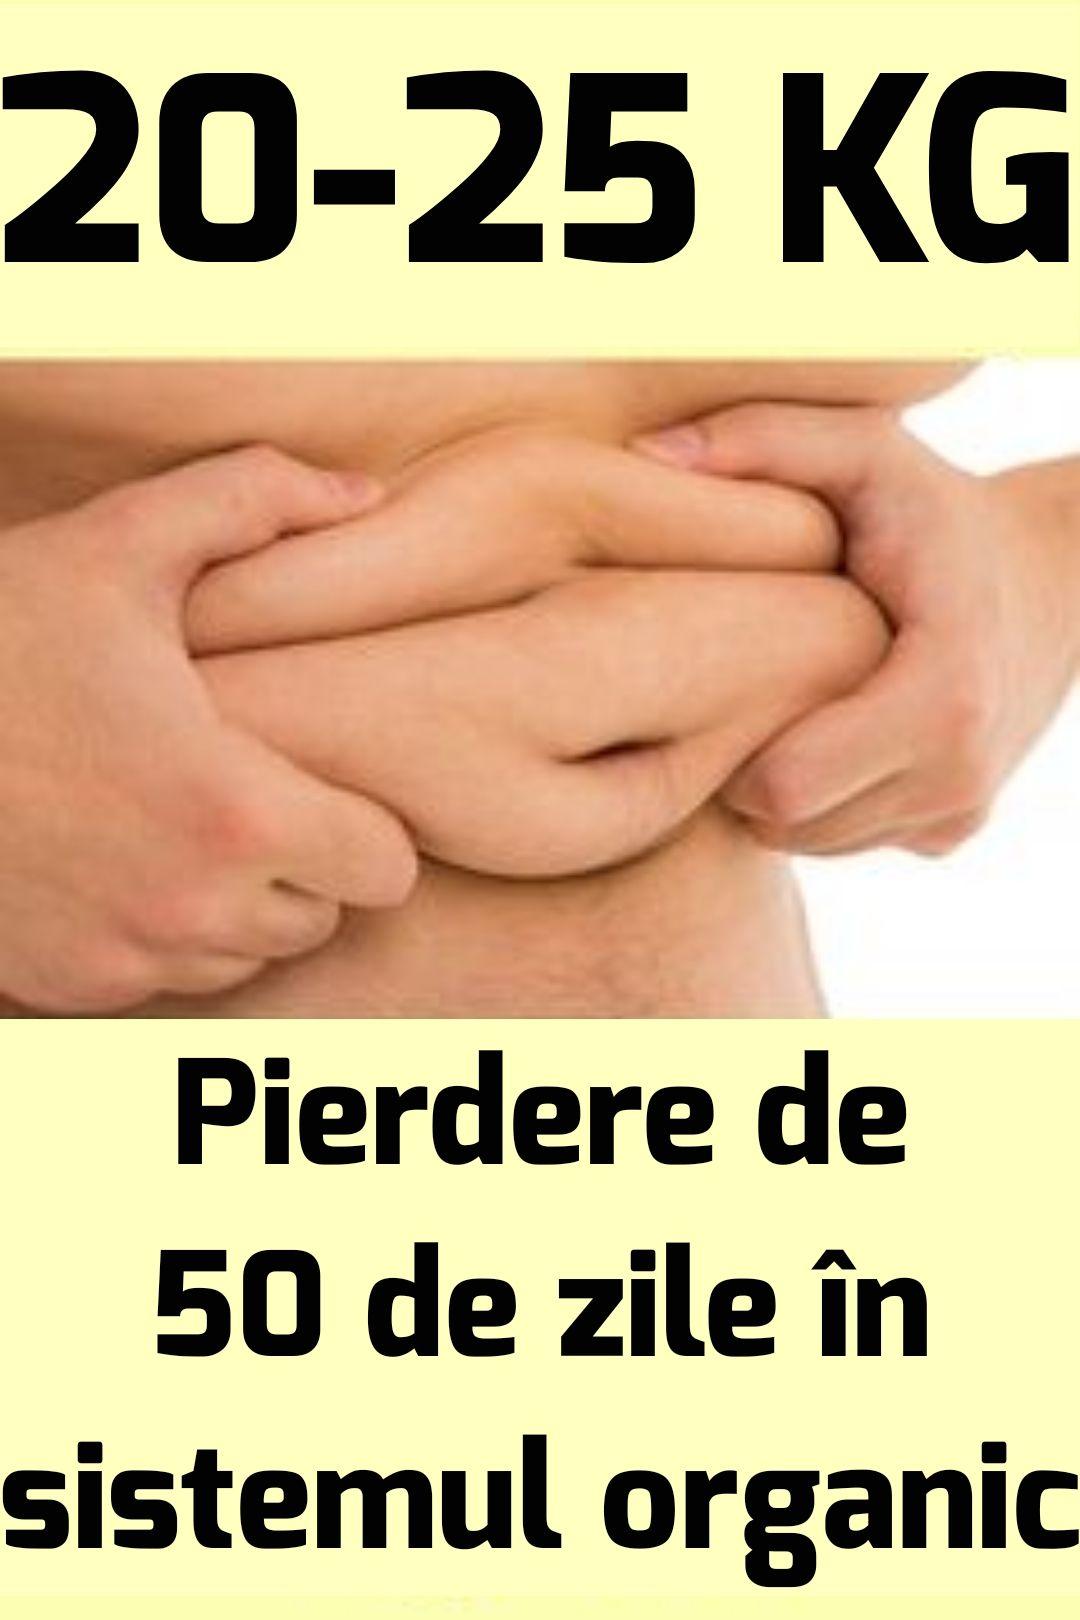 pierdere în greutate rosa)